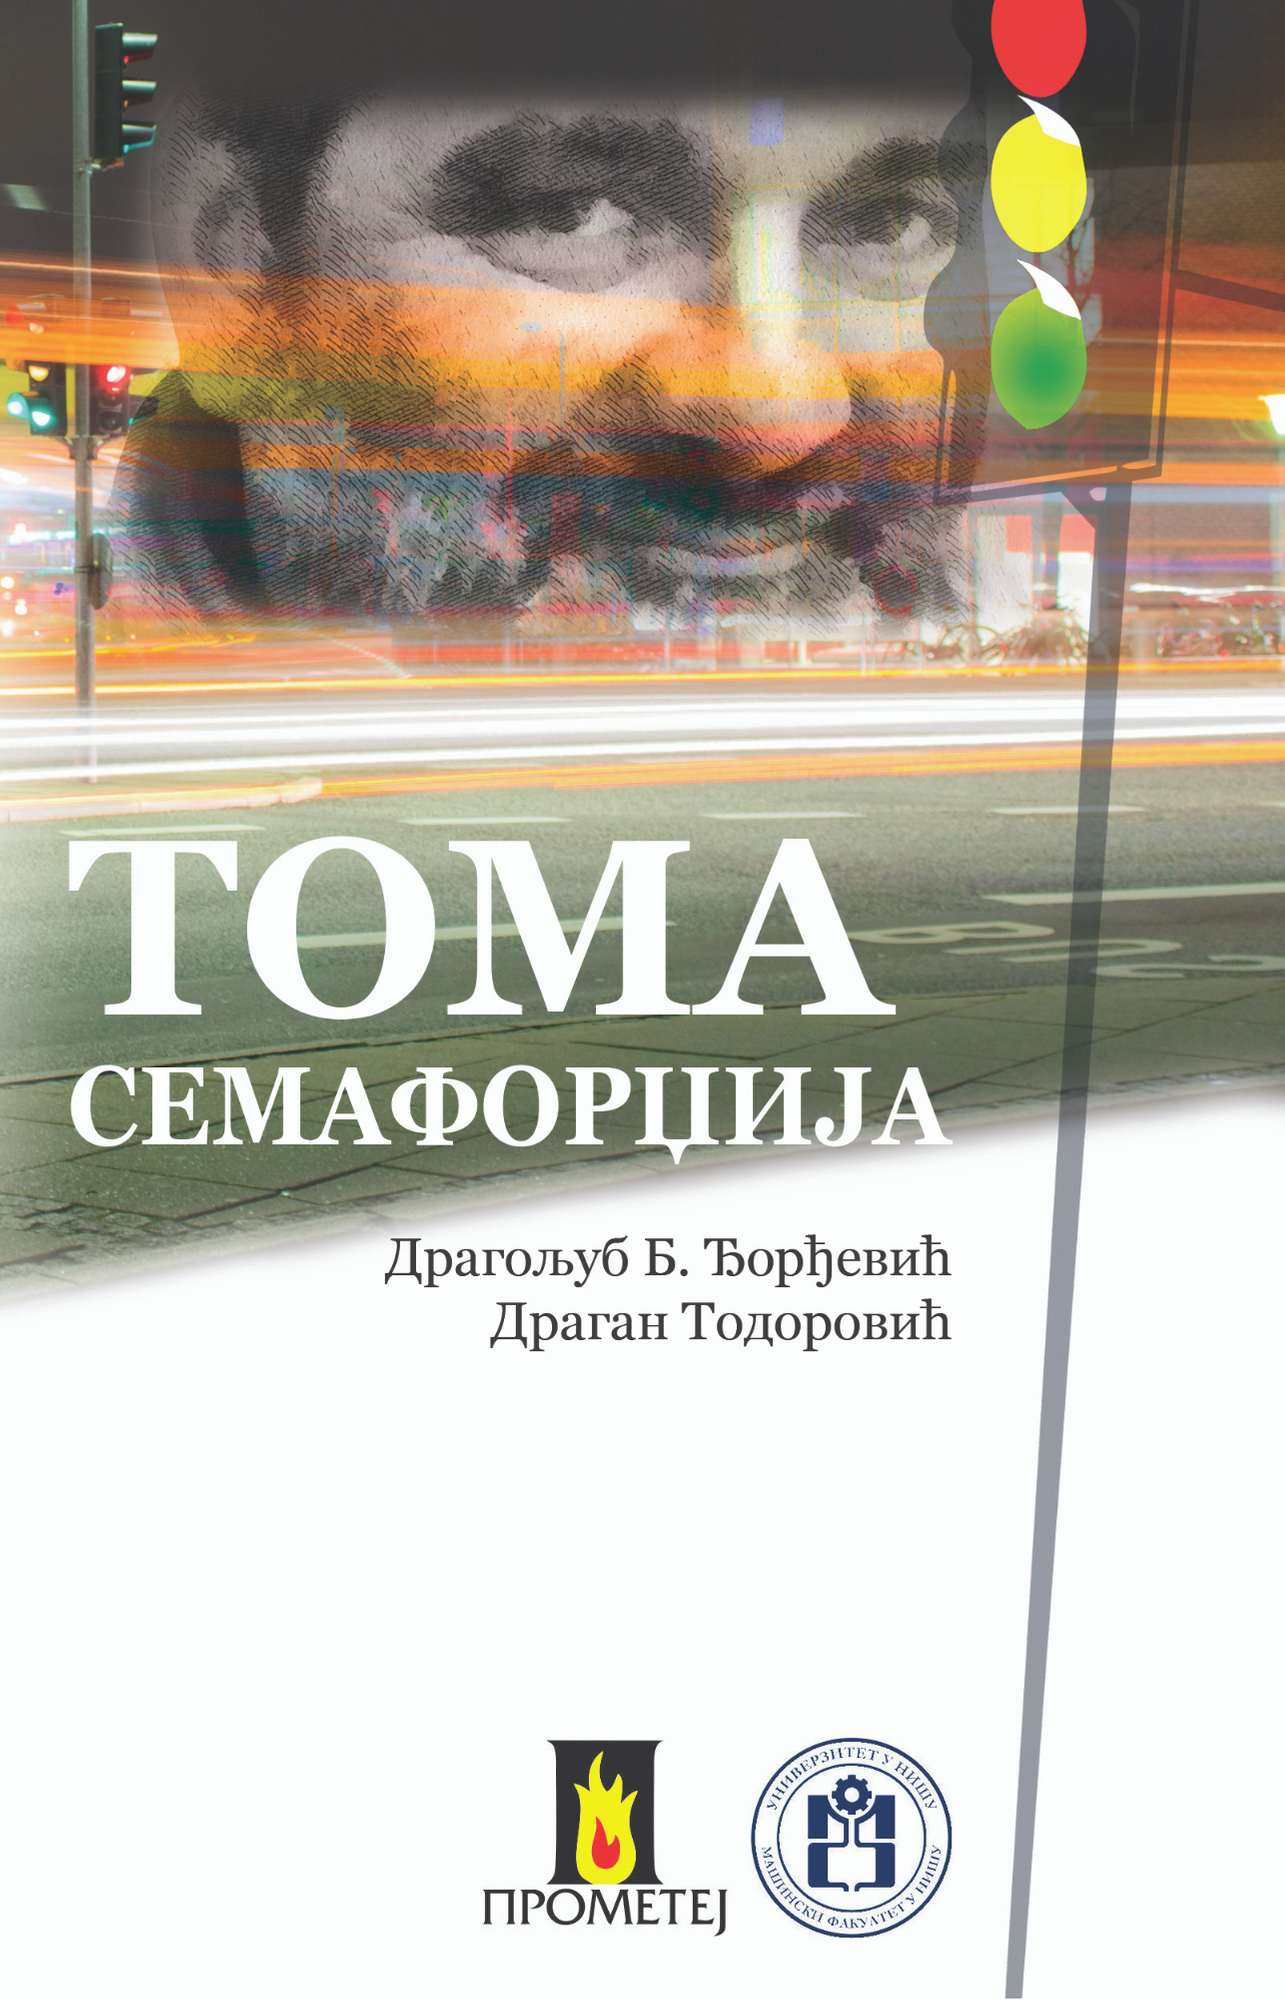 Тома Семафорџија – социолошки портрет перача шофершајбни